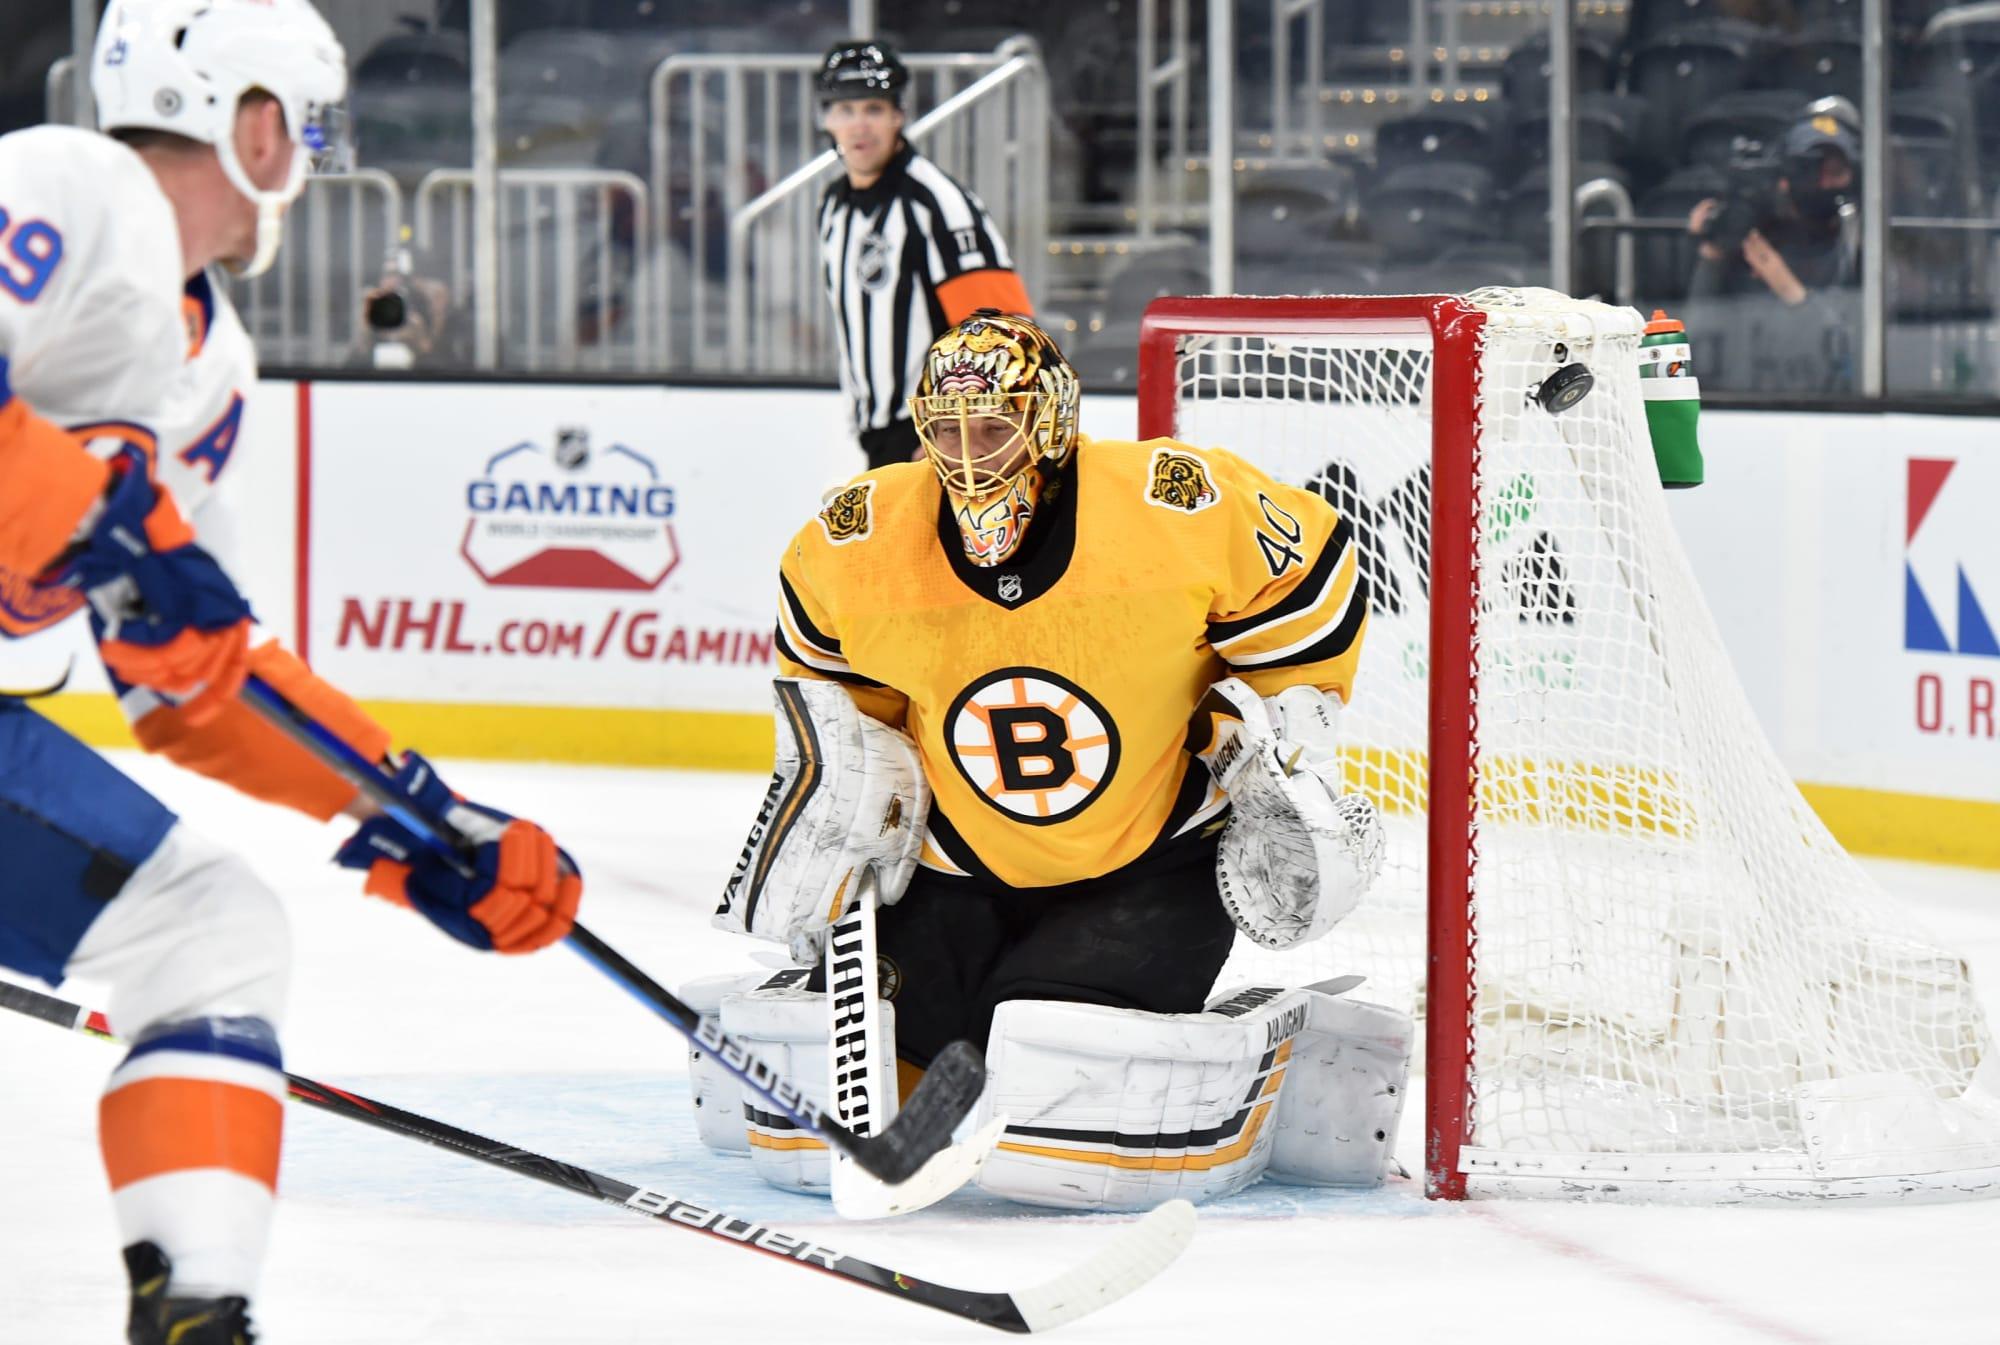 Boston Bruins: Tuukka Rask makes history in his return